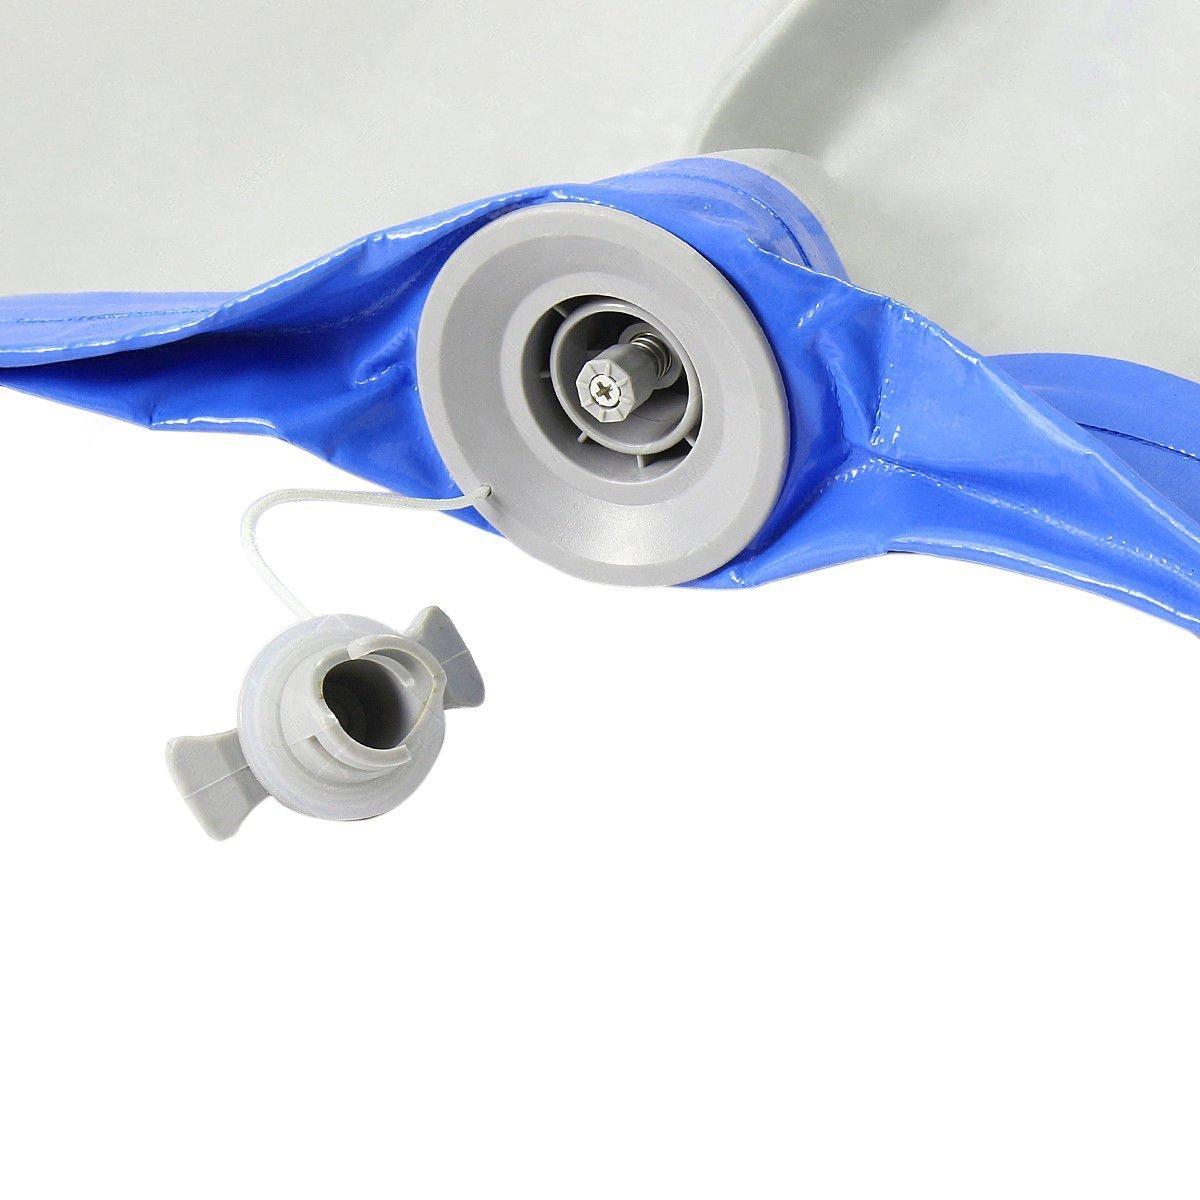 Inflable gimnasia AirTrack cayendo aire Piso 5 m trampolín eléctrico de la bomba de aire para el uso en el hogar/formación/animadoras /playa - 4